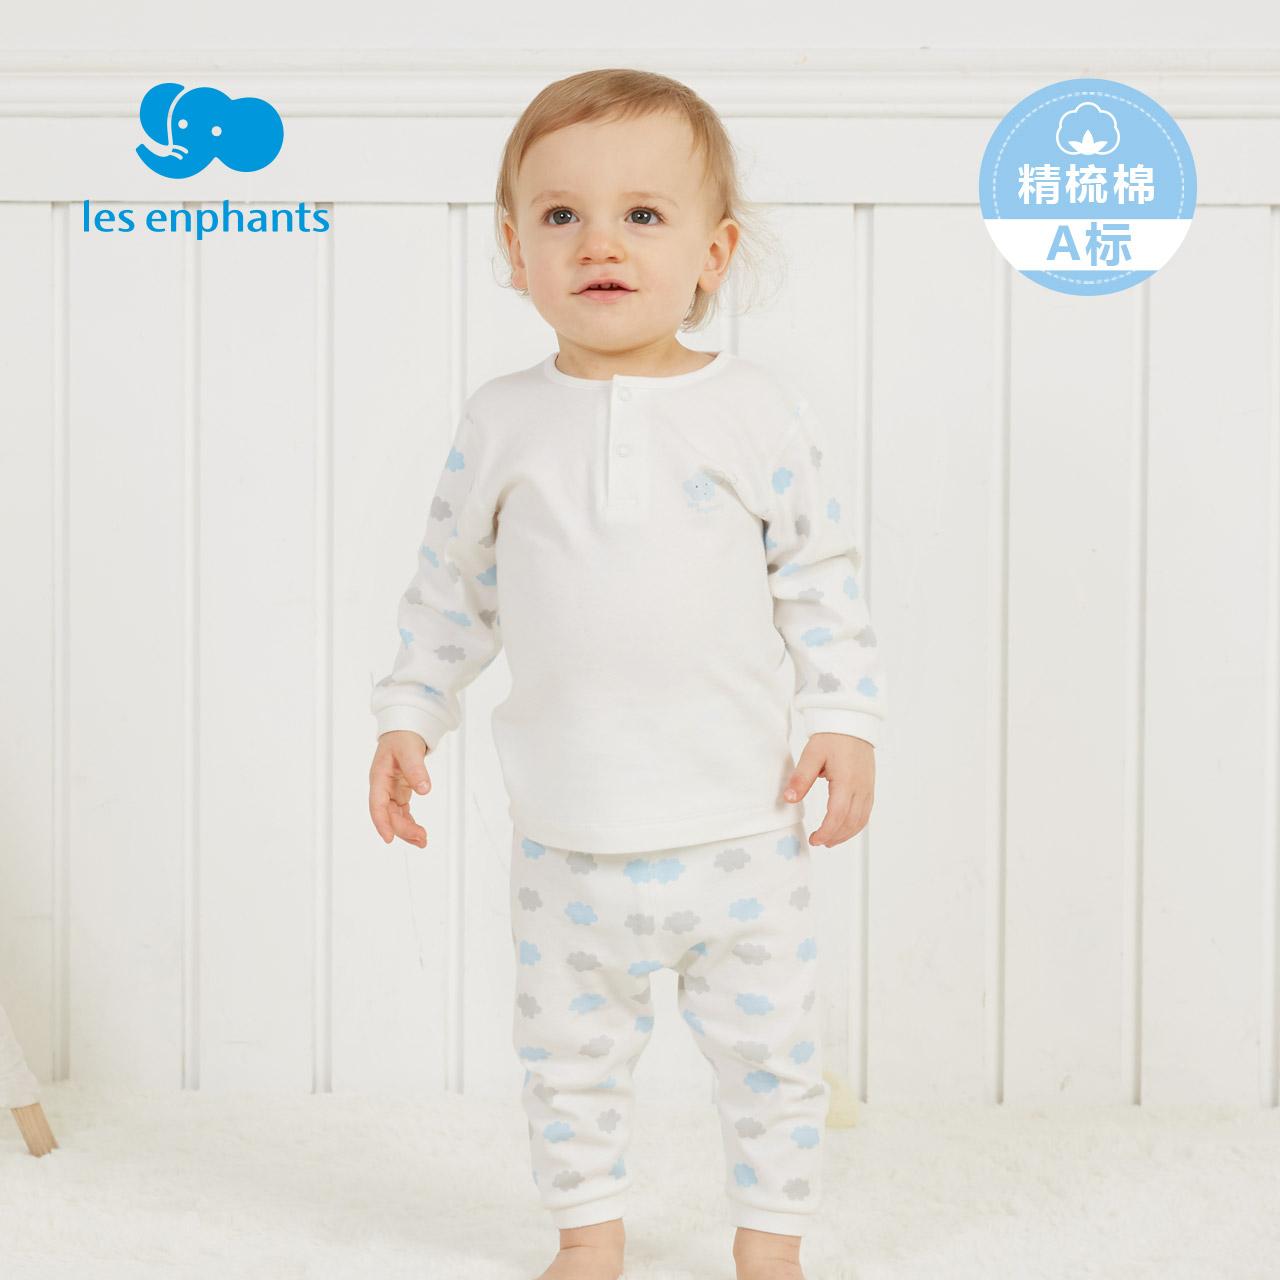 丽婴房婴儿衣服 宝宝秋装内衣套装男童女童纯棉内衣套装2018新款